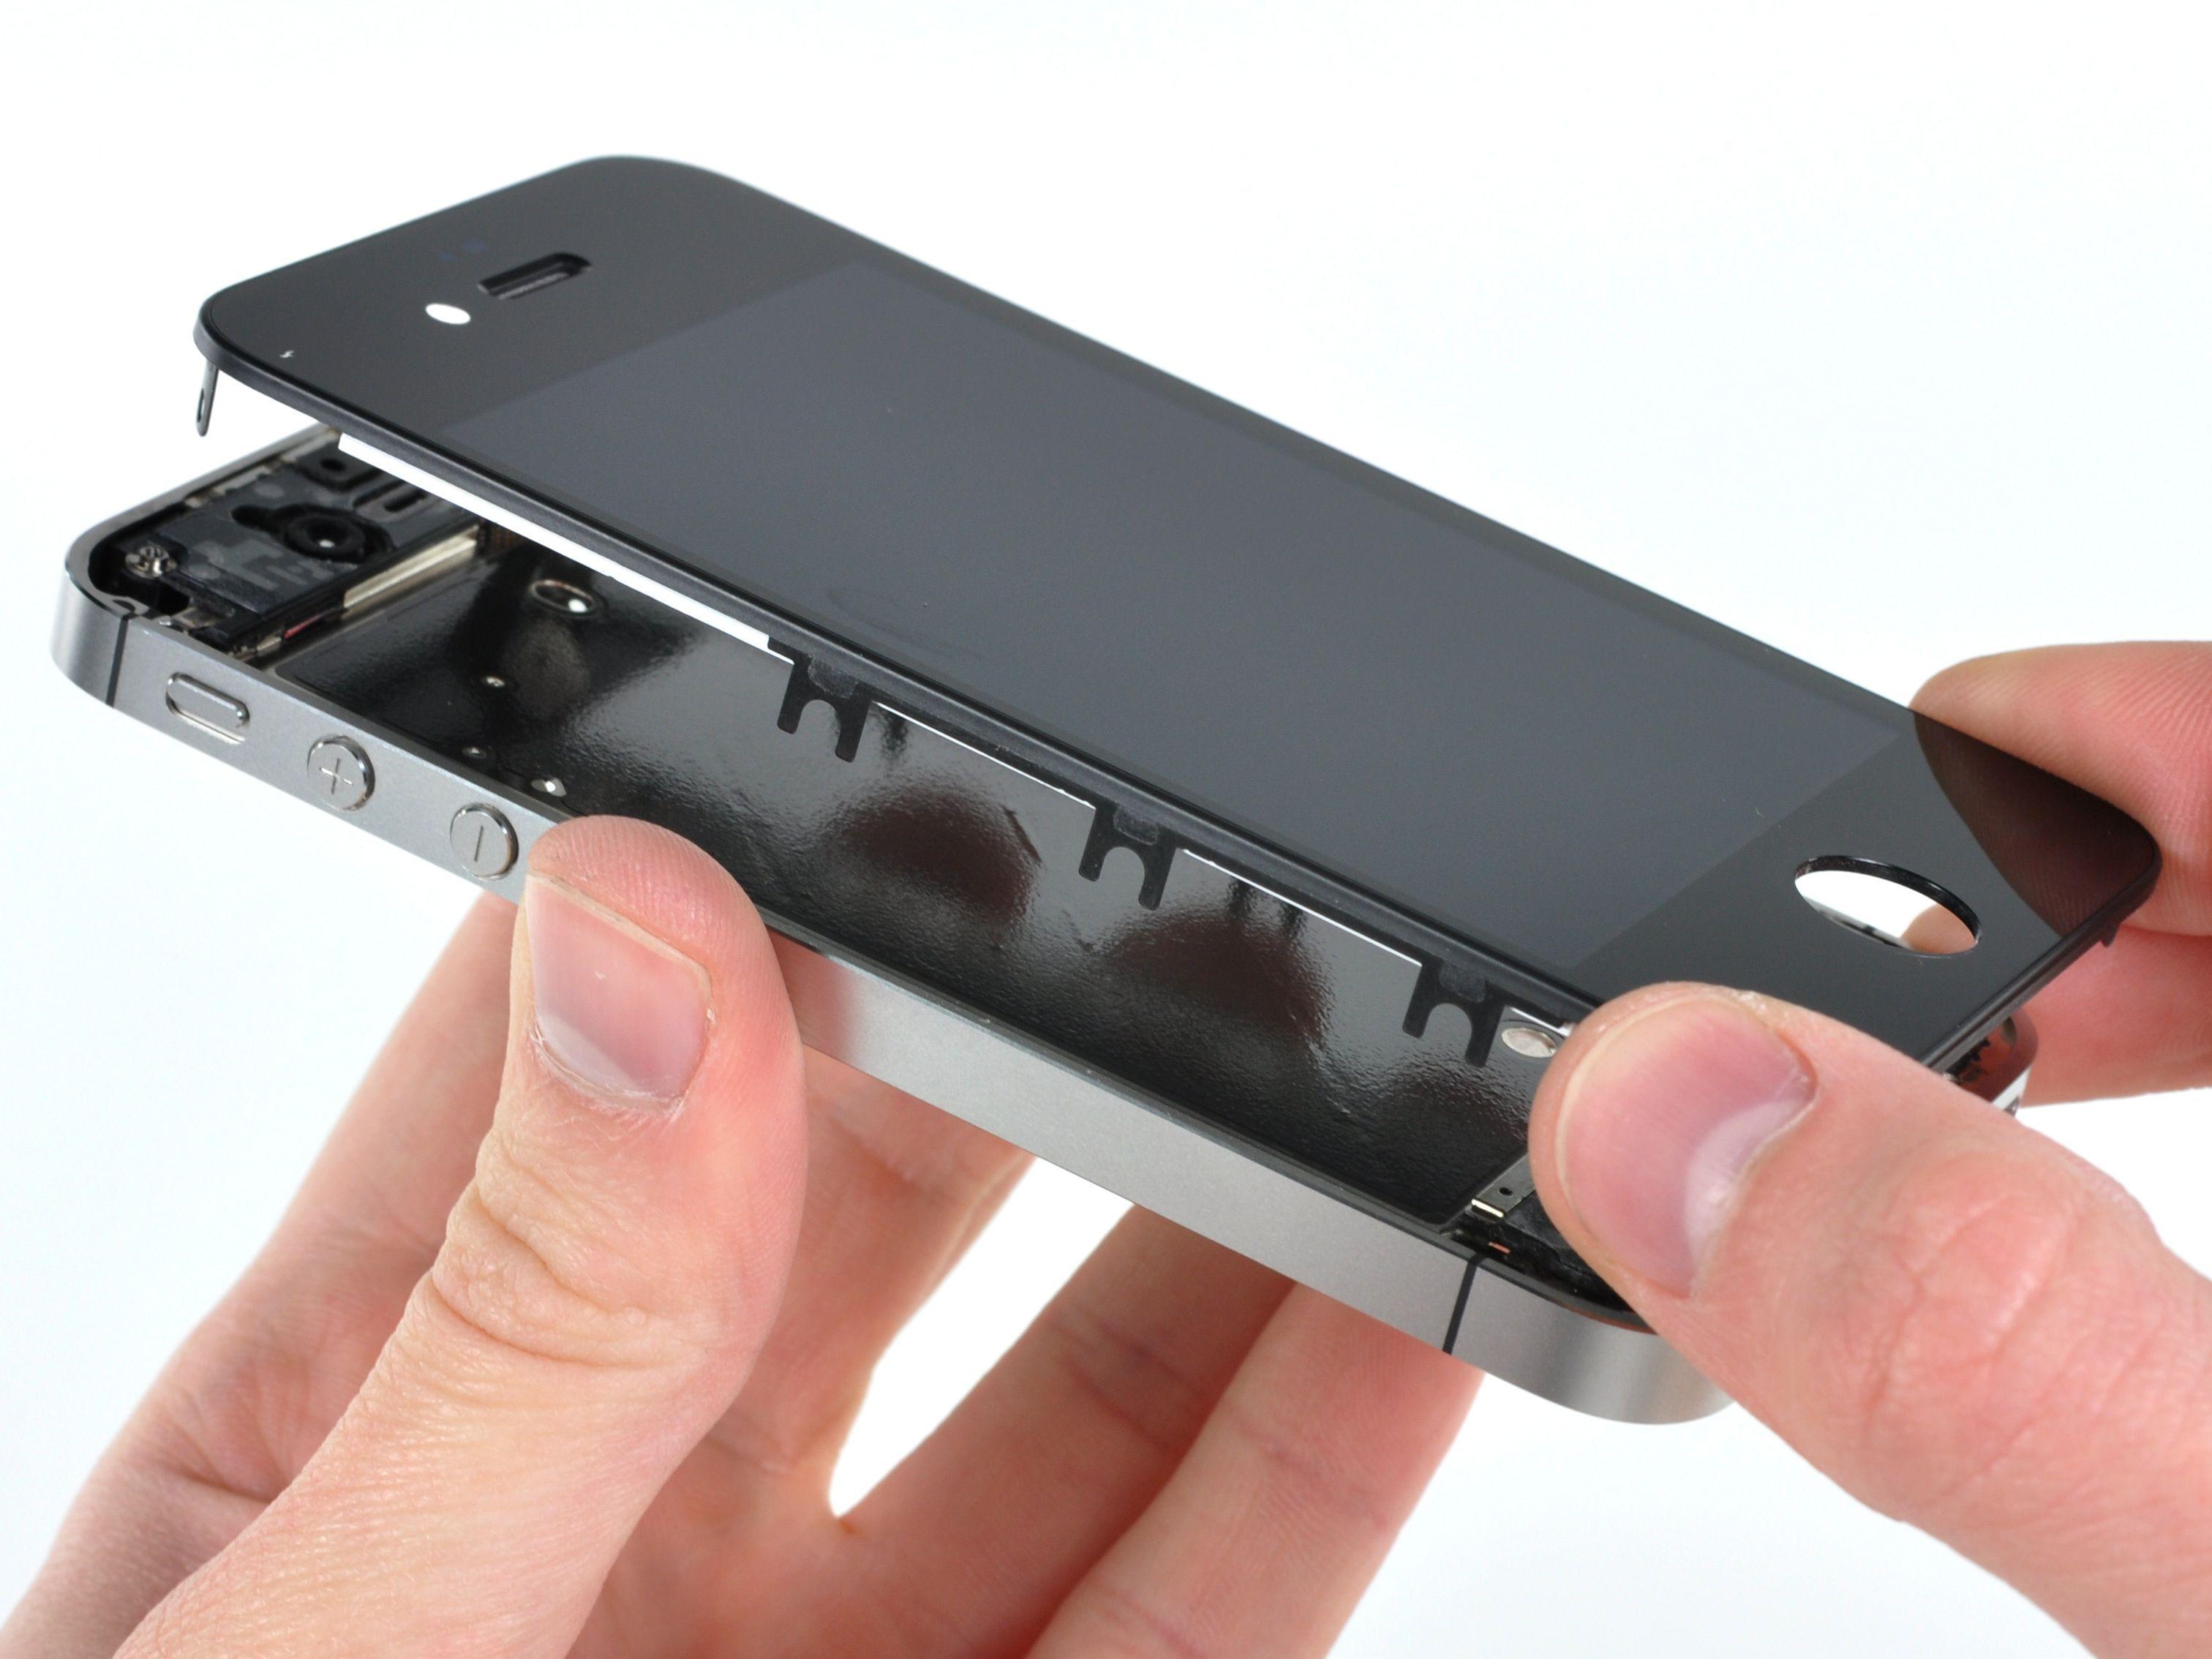 iPhone 4S Screen Replacement | Iphone repair, Mobile phone ...